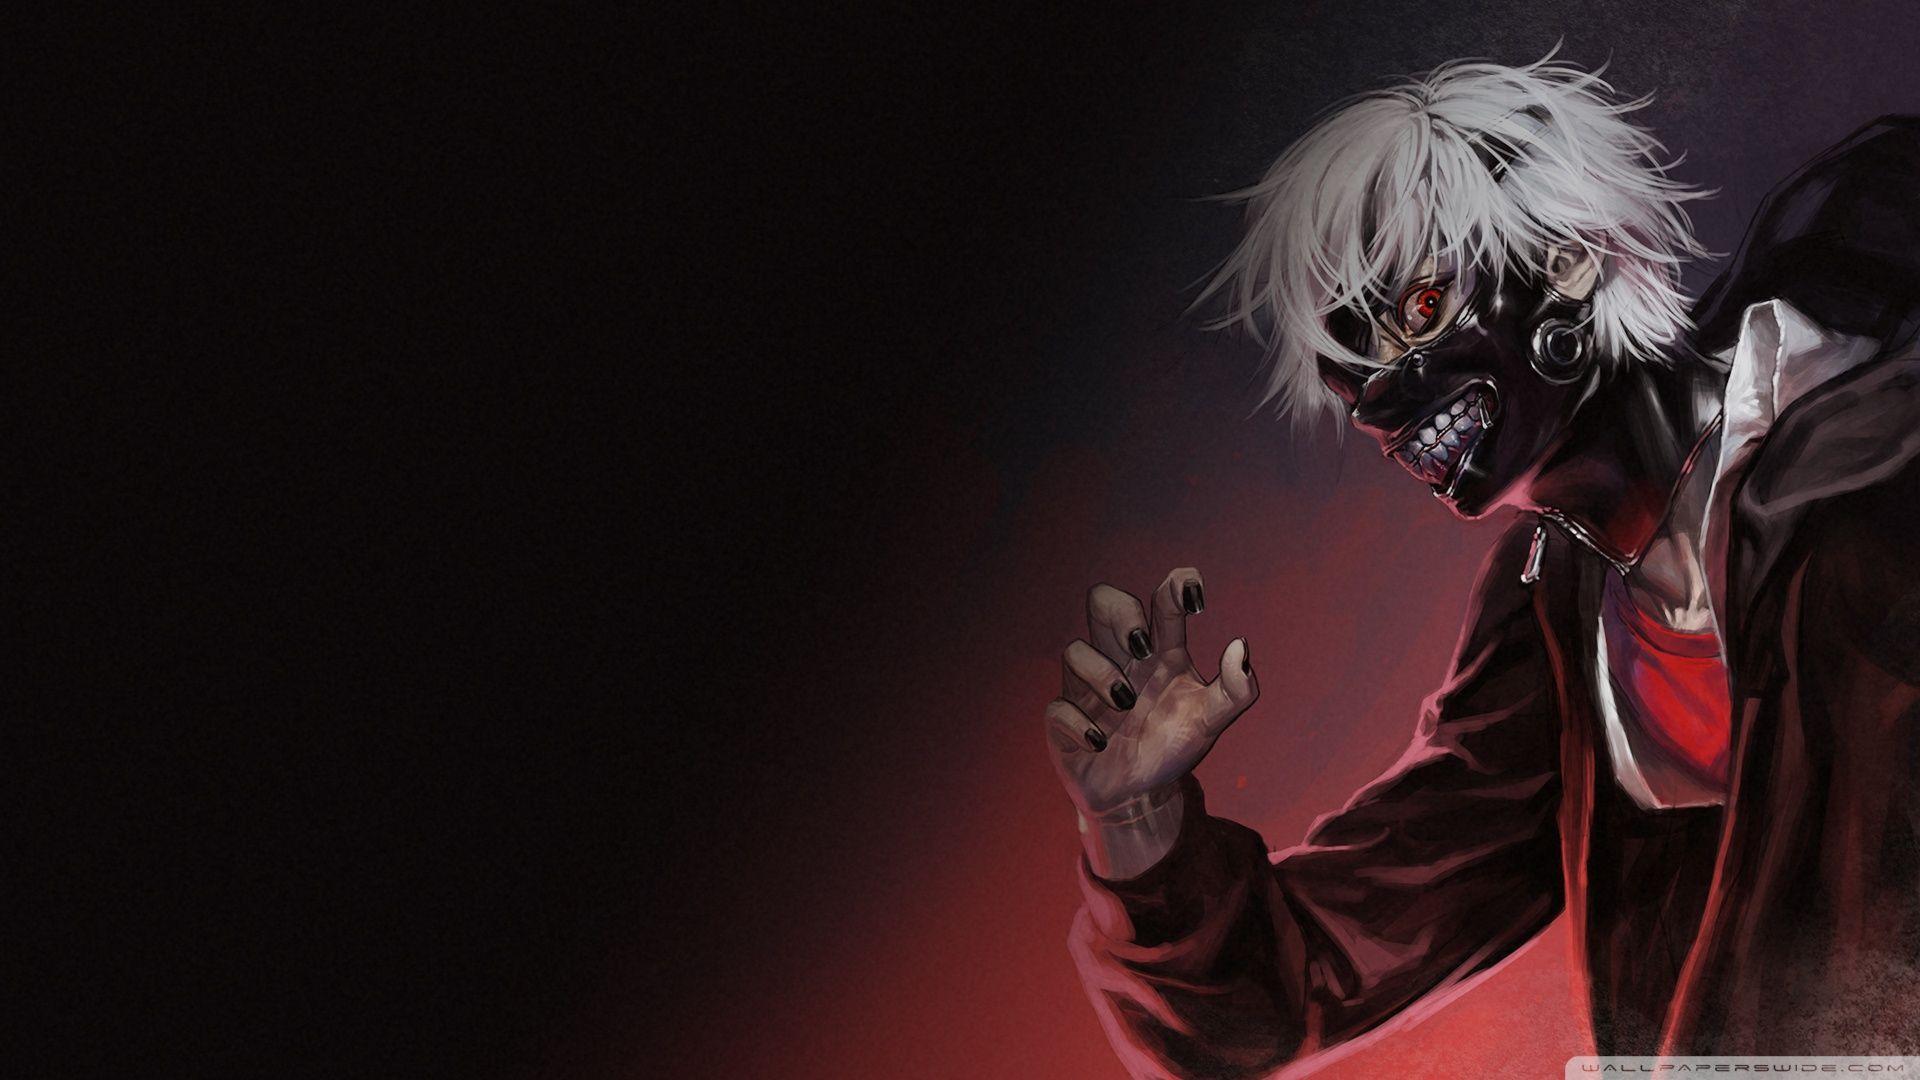 Tokyo Ghoul Desktop Wallpapers Top Free Tokyo Ghoul